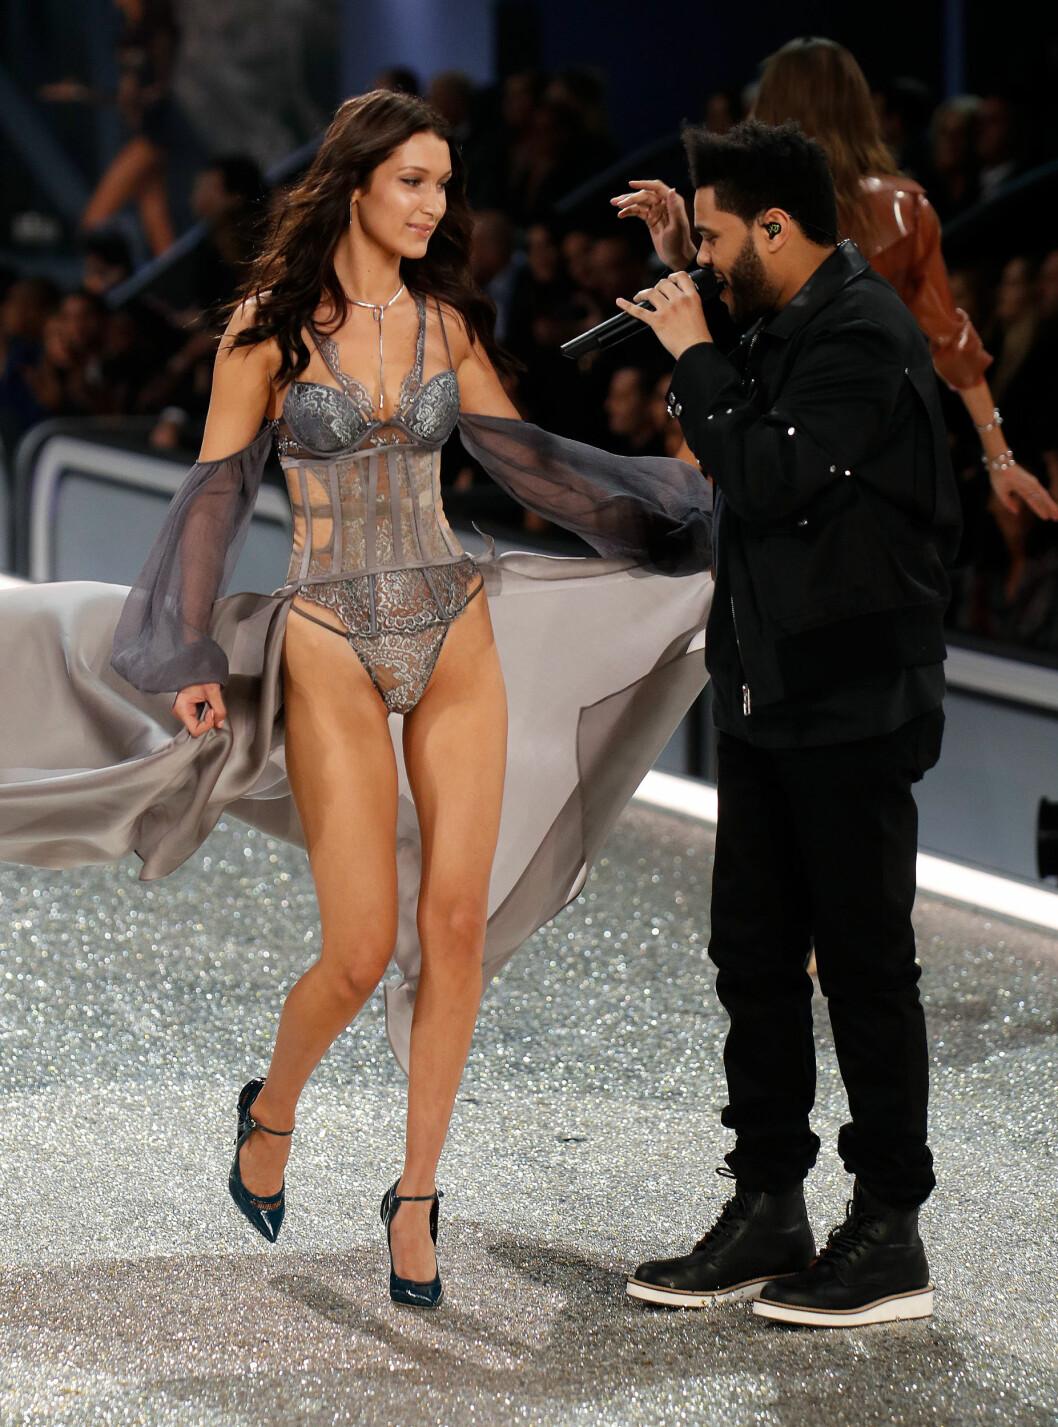 <strong>BRUDD:</strong> I november ble det kjent at supermodell Bella Hadid  og artisten The Weeknd hadde gjort det slutt. De har riktignok beholdt vennskapet, og under Victoria's Secret Fashion Show i Paris i begynnelsen av desember sto de på samme scene.  Foto: NTB Scanpix